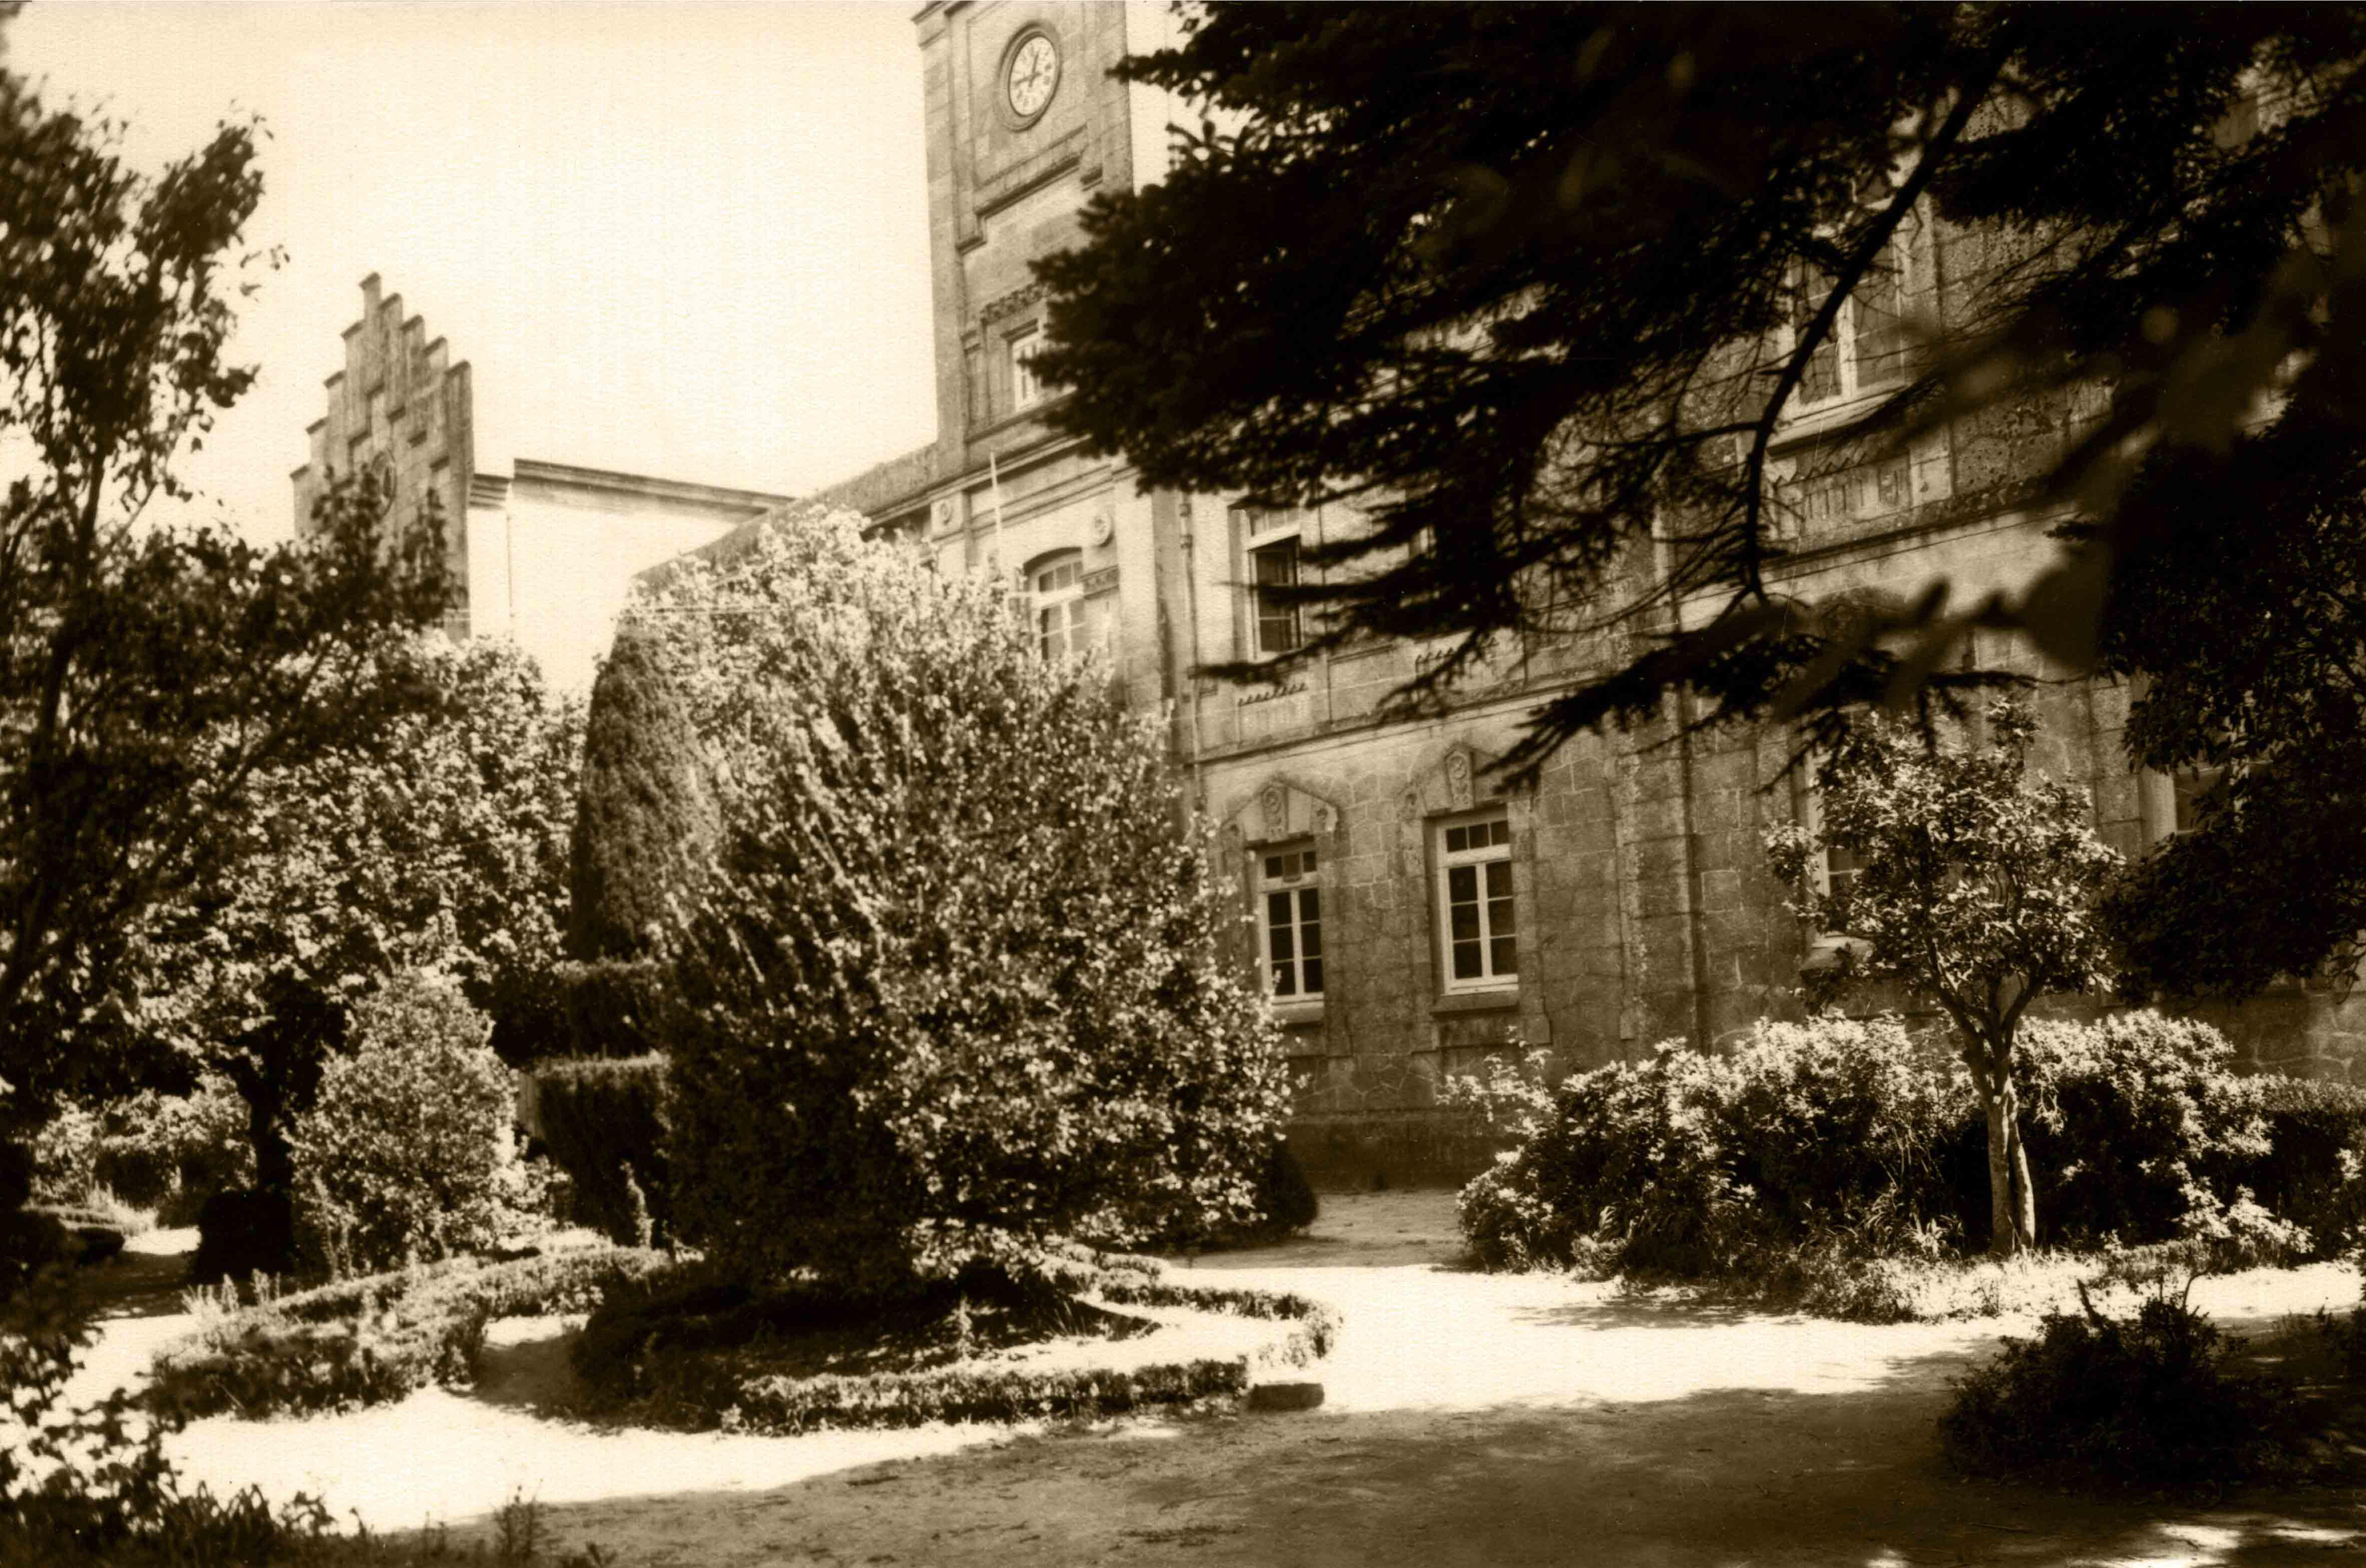 Xardín botánico. Ca: 1930 / Jardín botánico. Ca: 1930